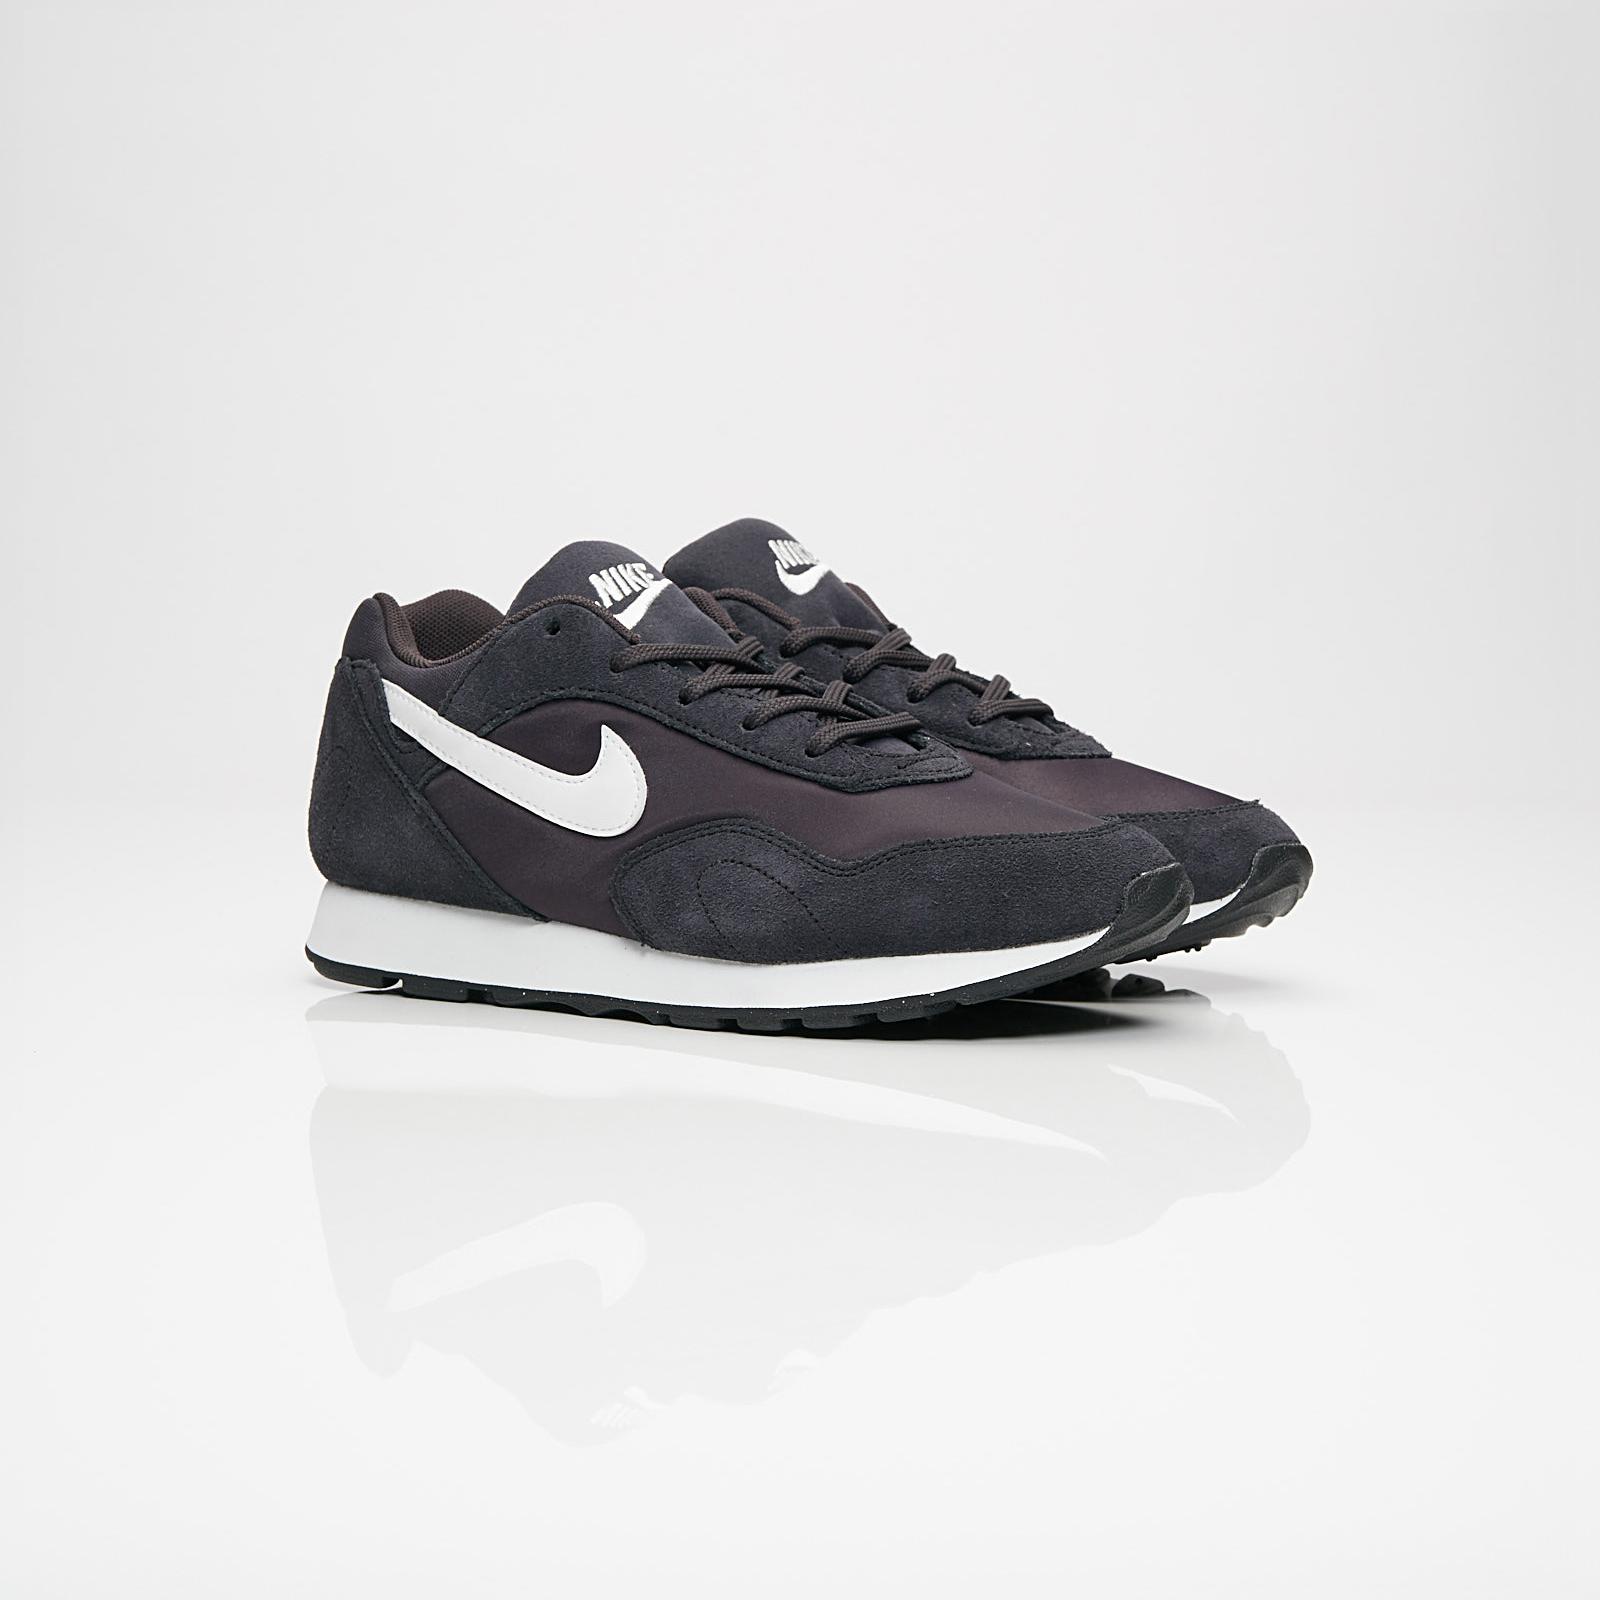 Nike Wmns Outburst - Ao1069-002